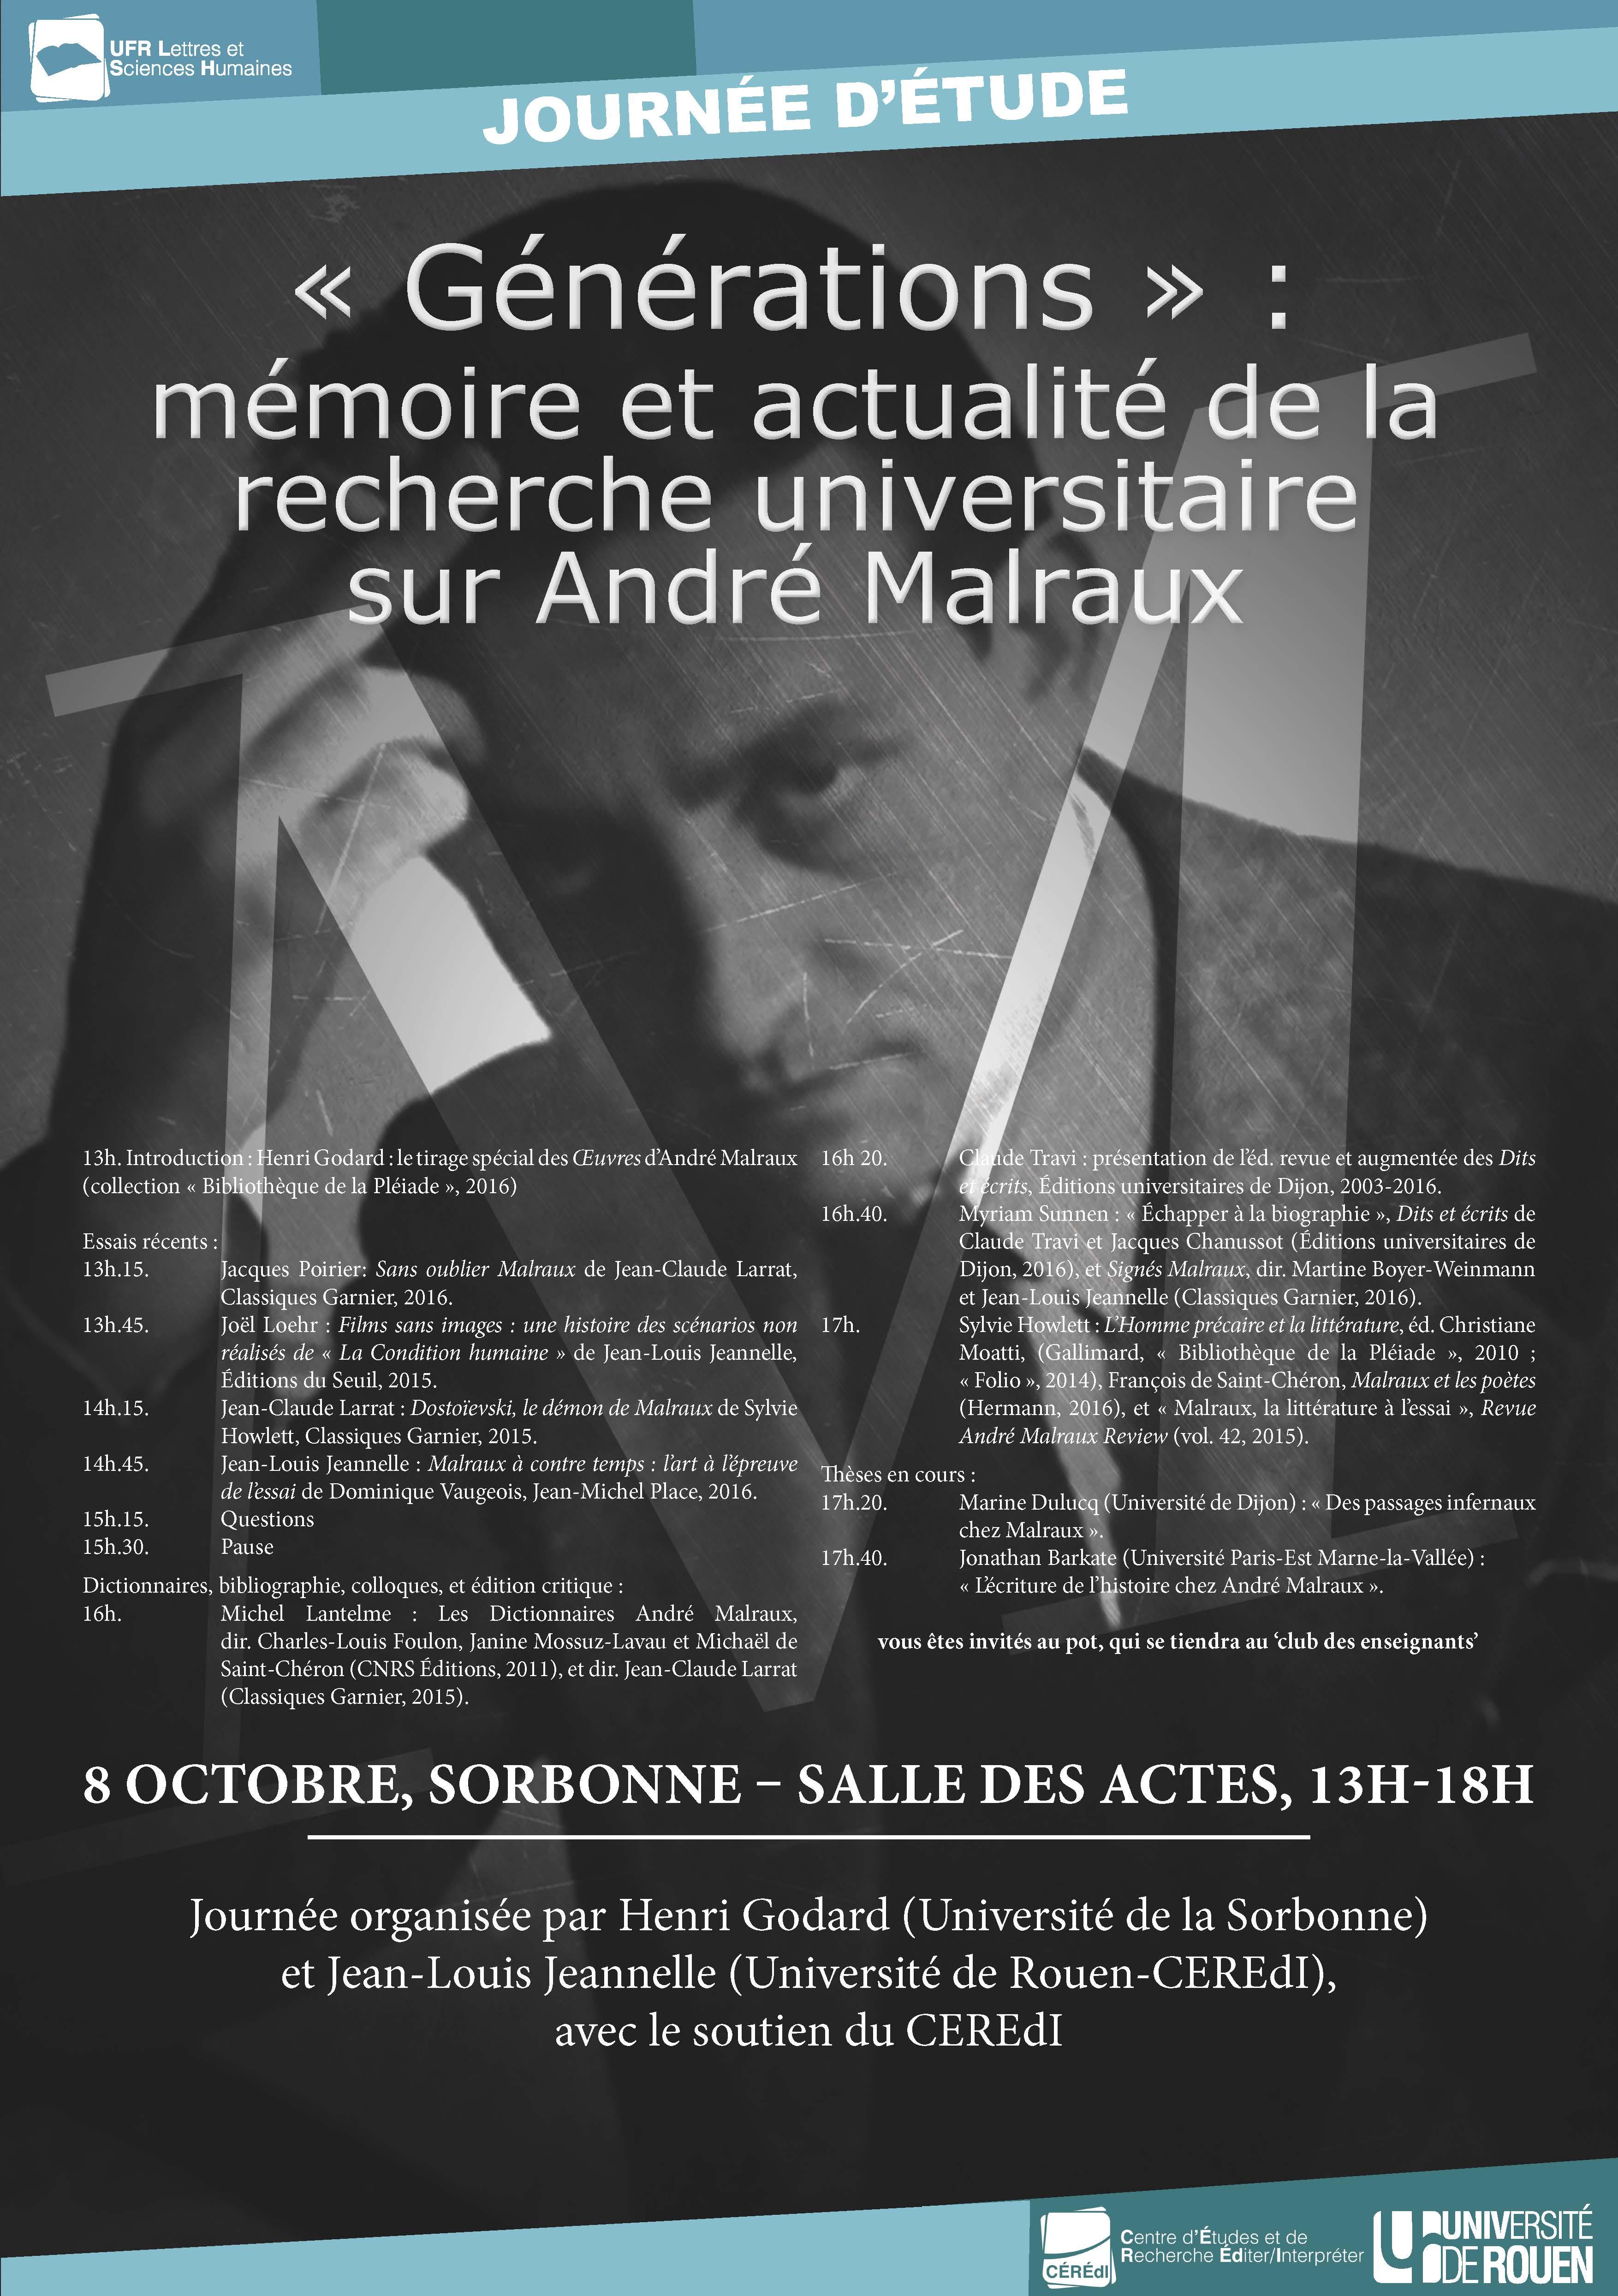 « Générations » : mémoire et actualité de la recherche universitaire sur André Malraux